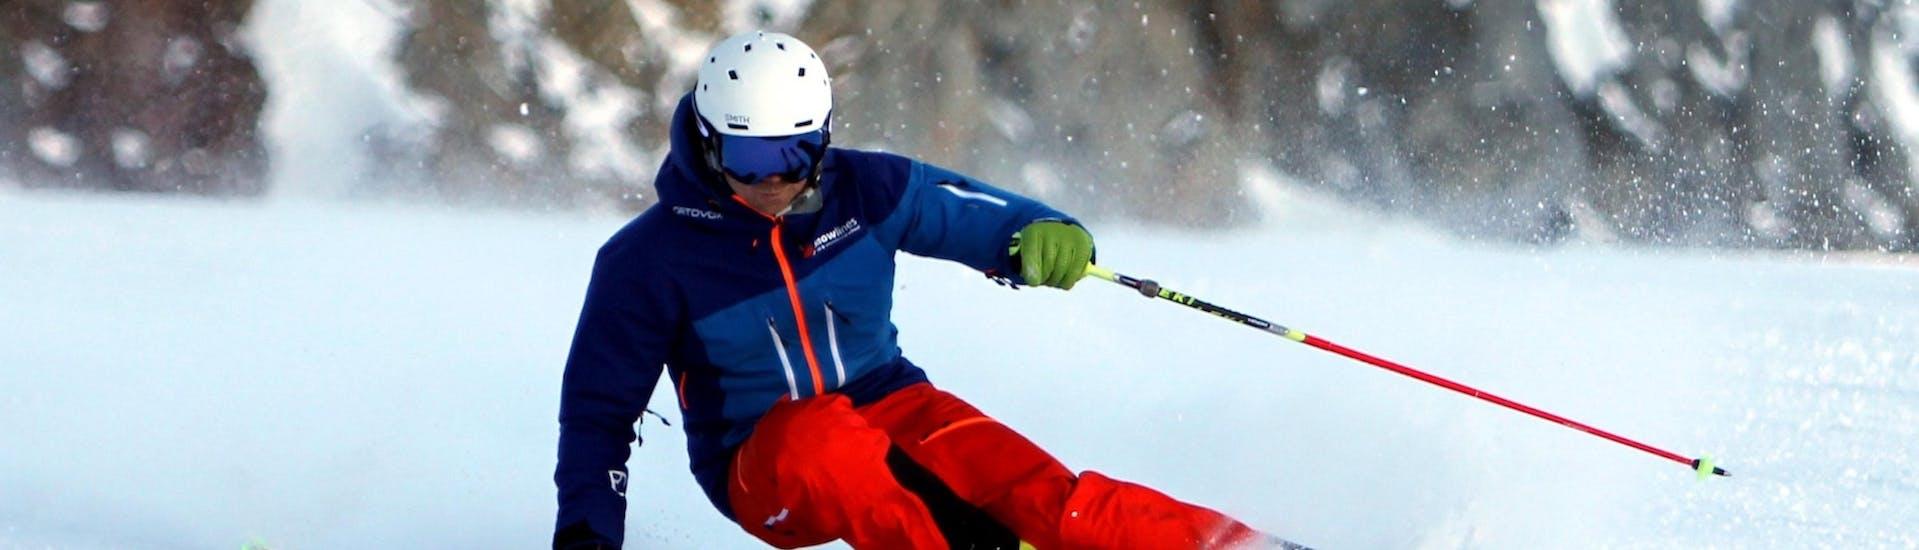 Privater Skikurs für Erwachsene aller Levels